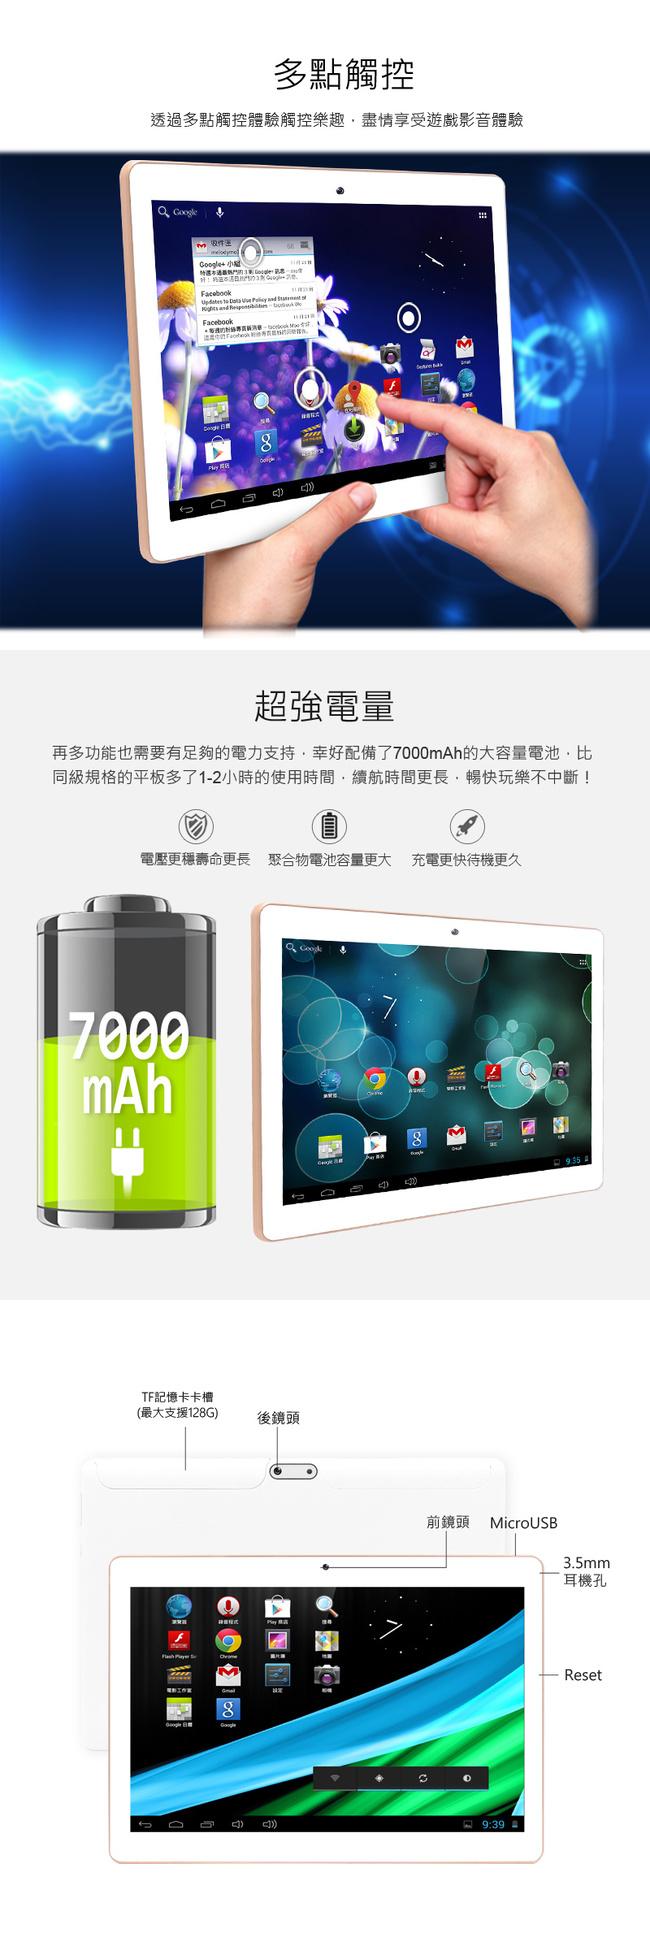 SuperPad 極速對決S 10.1吋四核心玩家版平板電腦 (2G/16G)